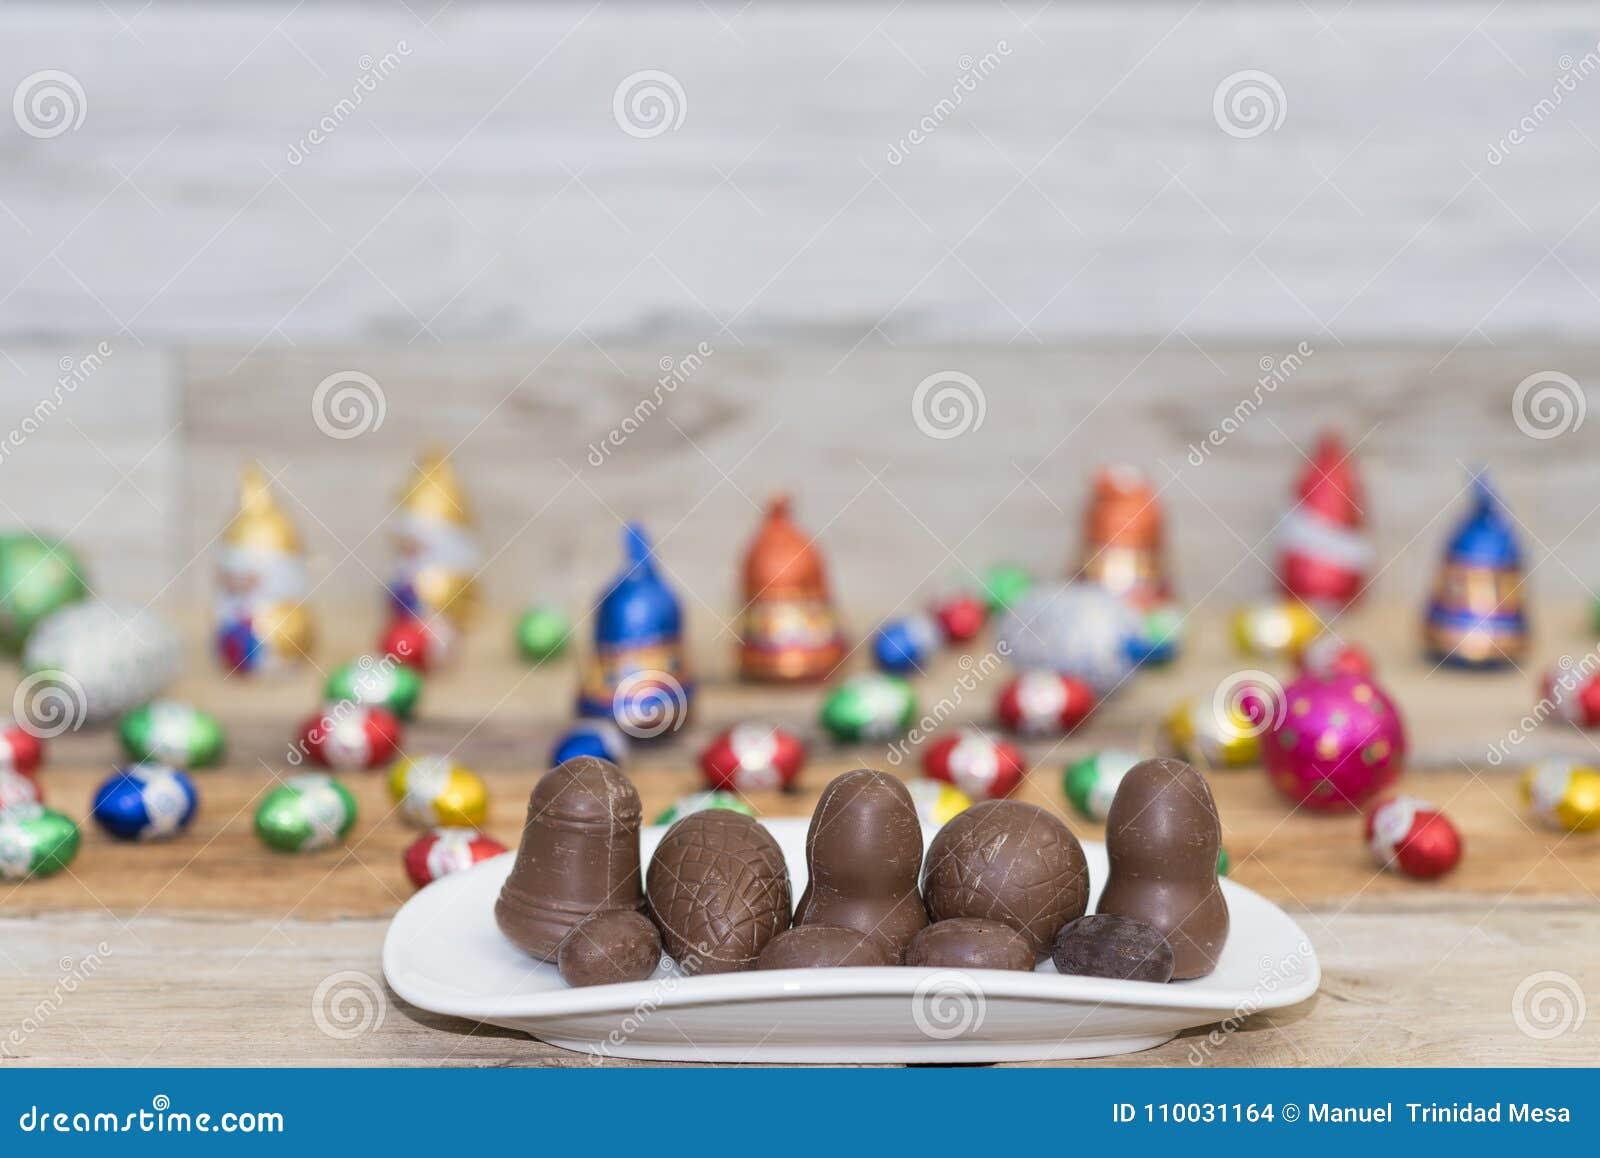 Een plaat met geassorteerde chocolade